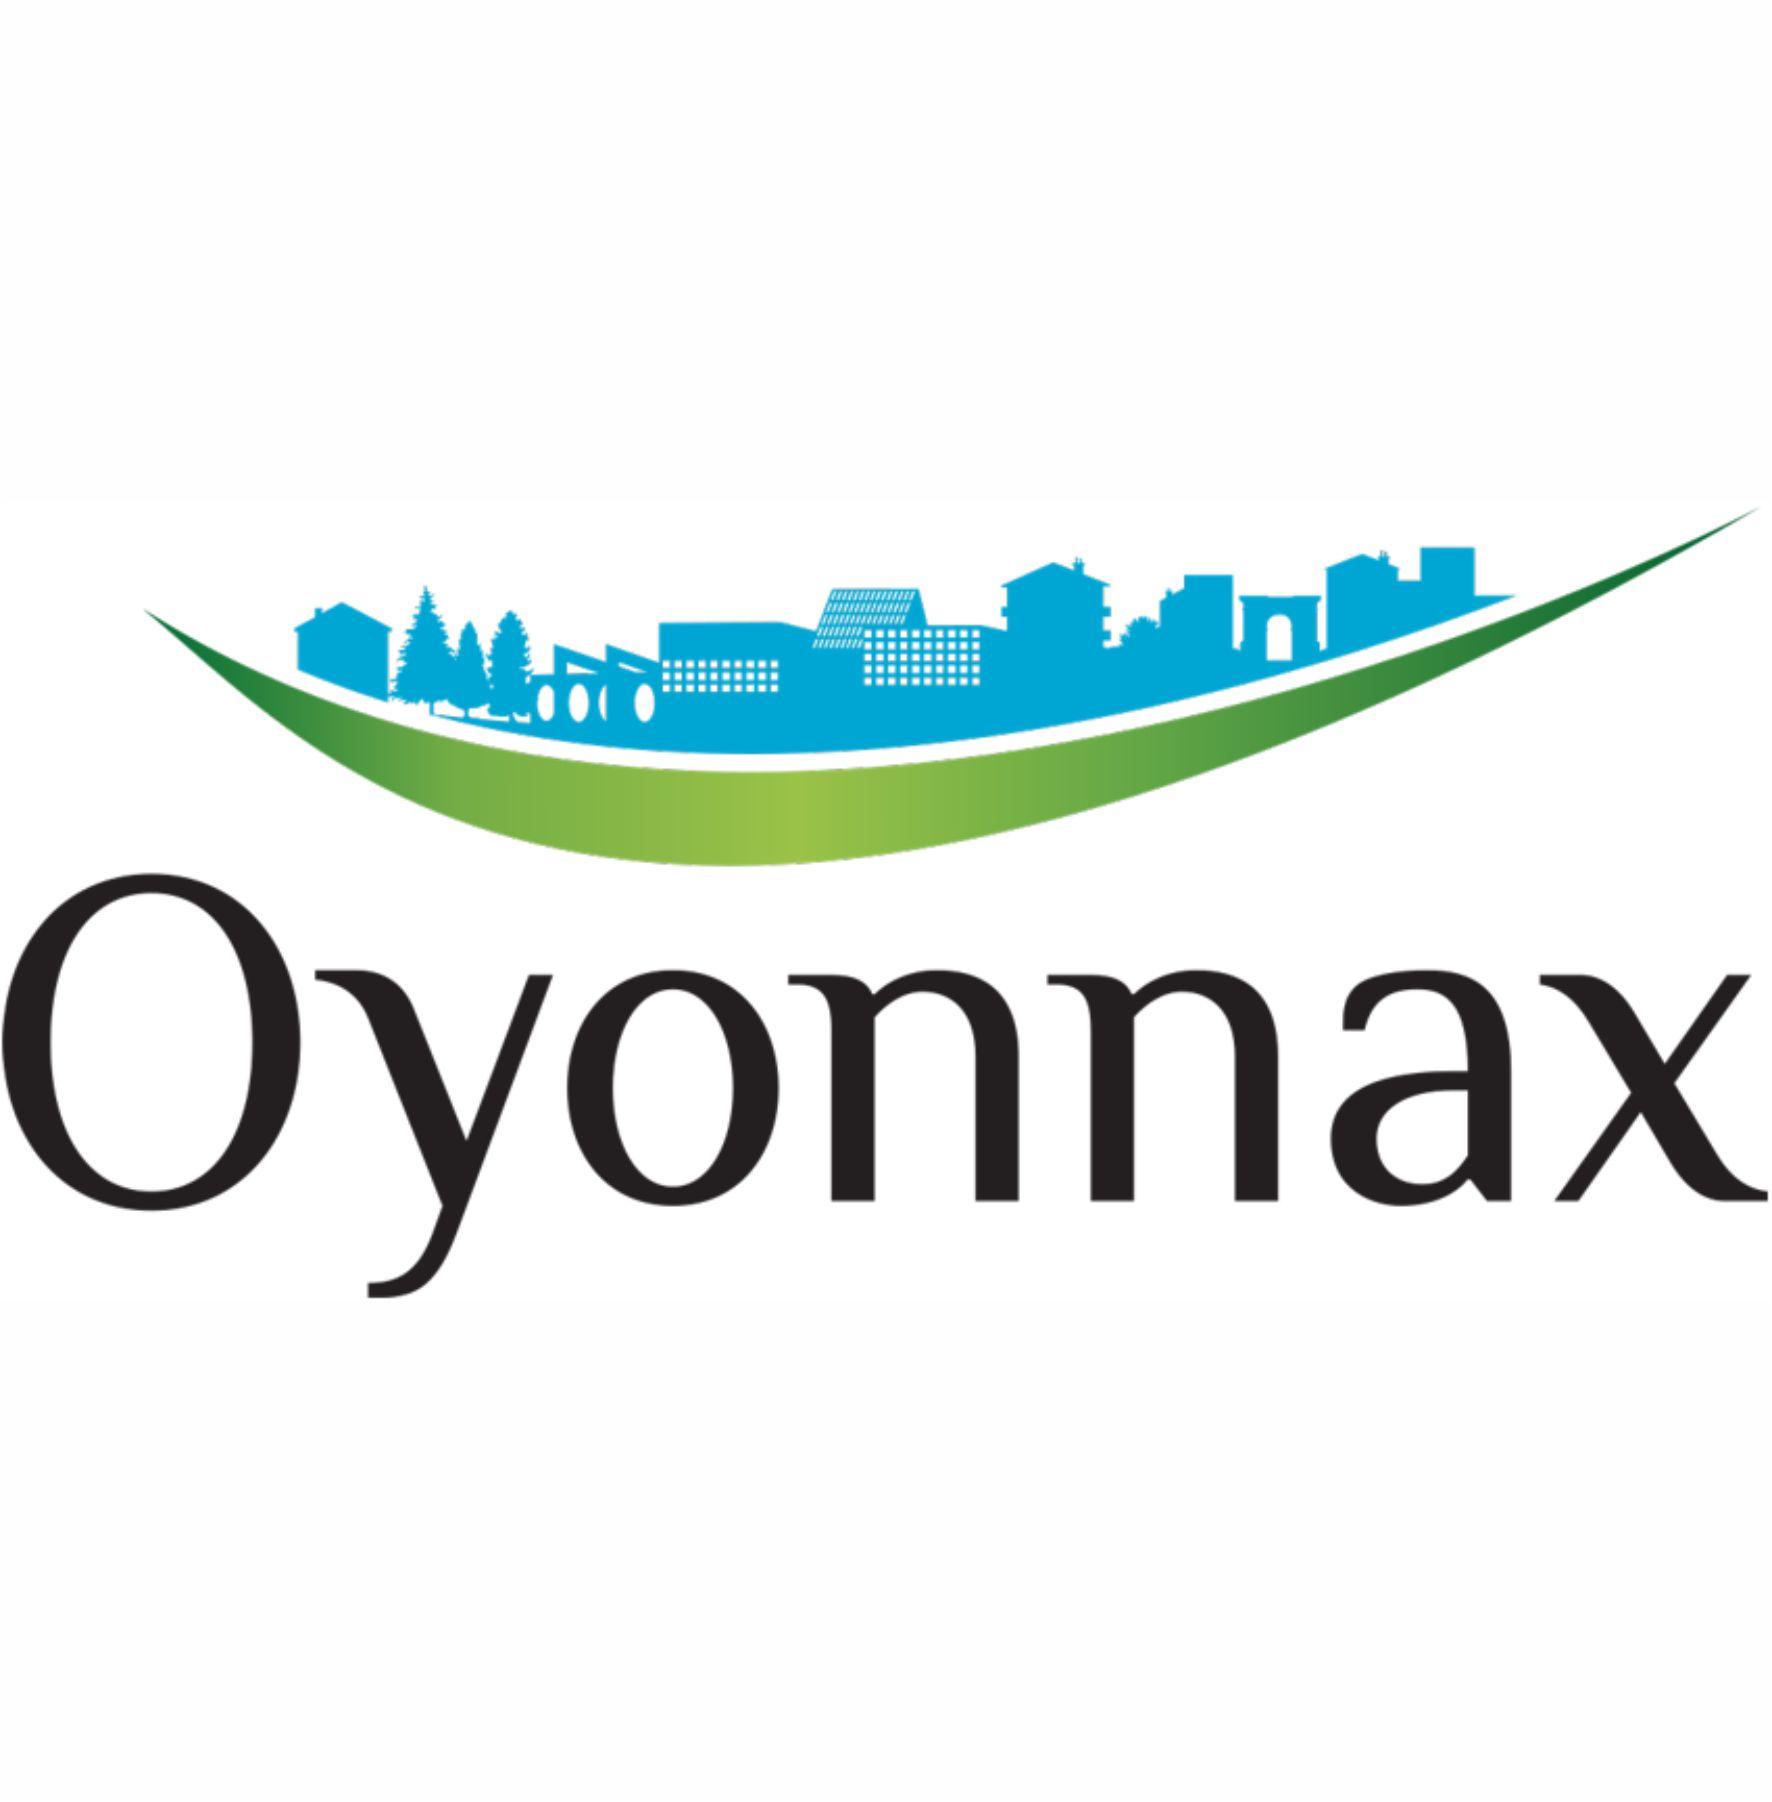 _oyonnax